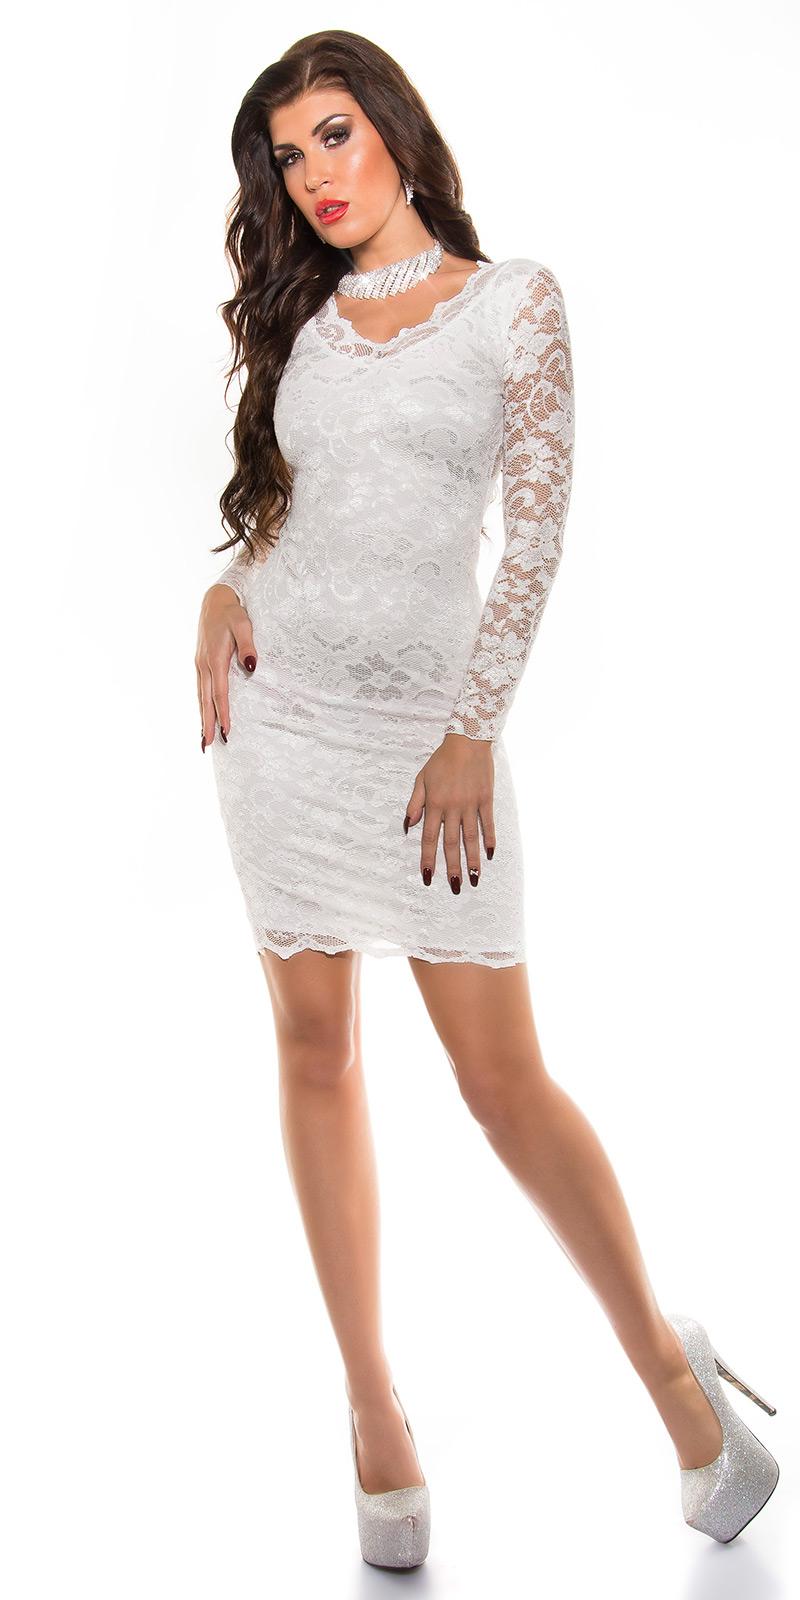 8a3c1d8816 MB24X  Biała sukienka koronkowa    Deme.pl